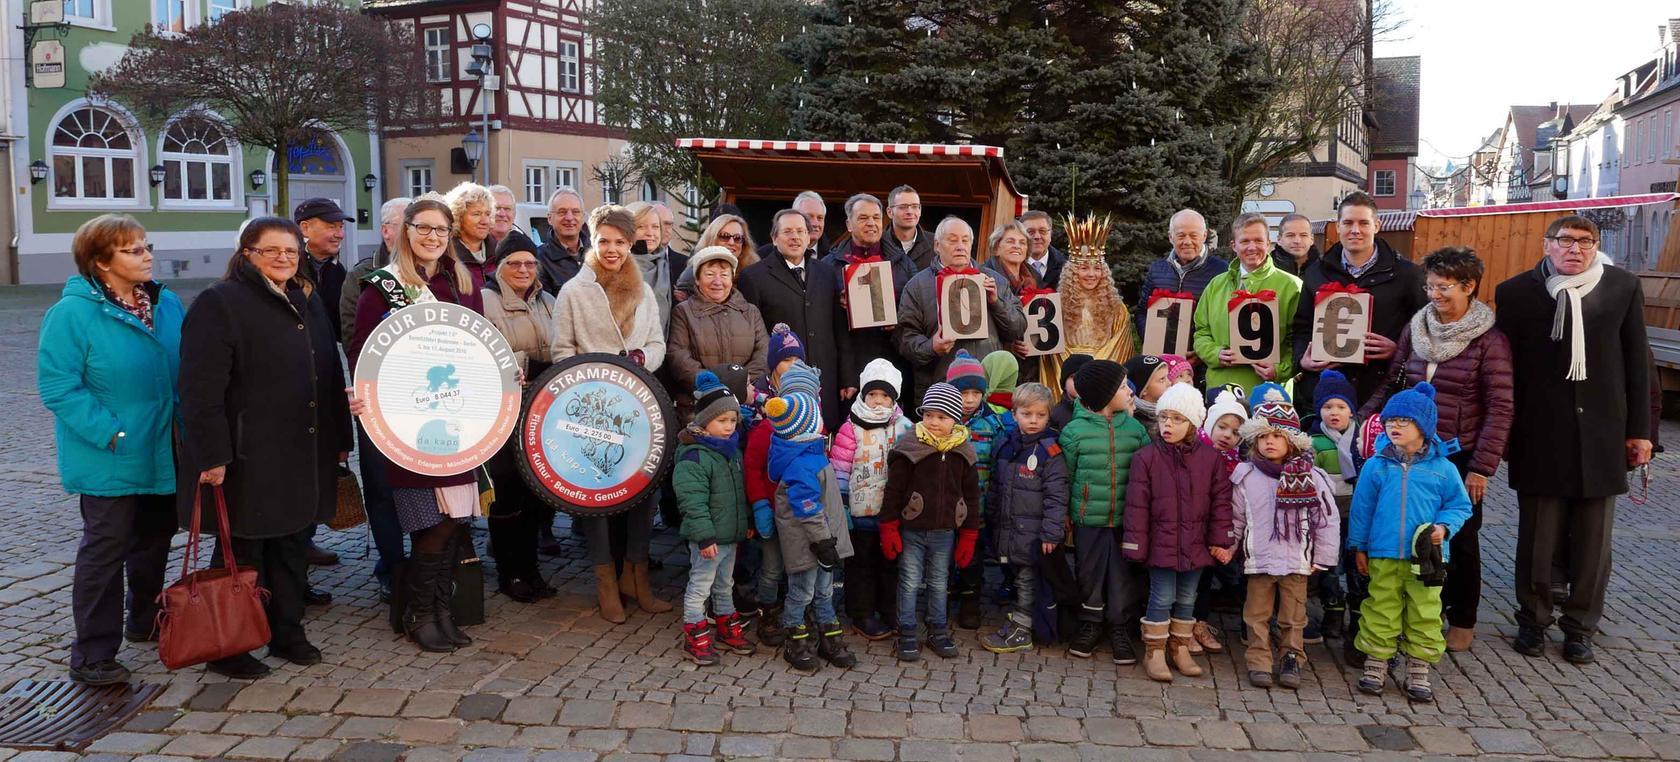 Im Kreis von Teilnehmern, Sponsoren und Spendenempfängern sowie politischen Förderern ließ Benefiz-Initiator Helmuth P. Schuh (r.) das Nürnberger Christkind den stattlichen Spendenerlös dieses Jahres präsentieren.